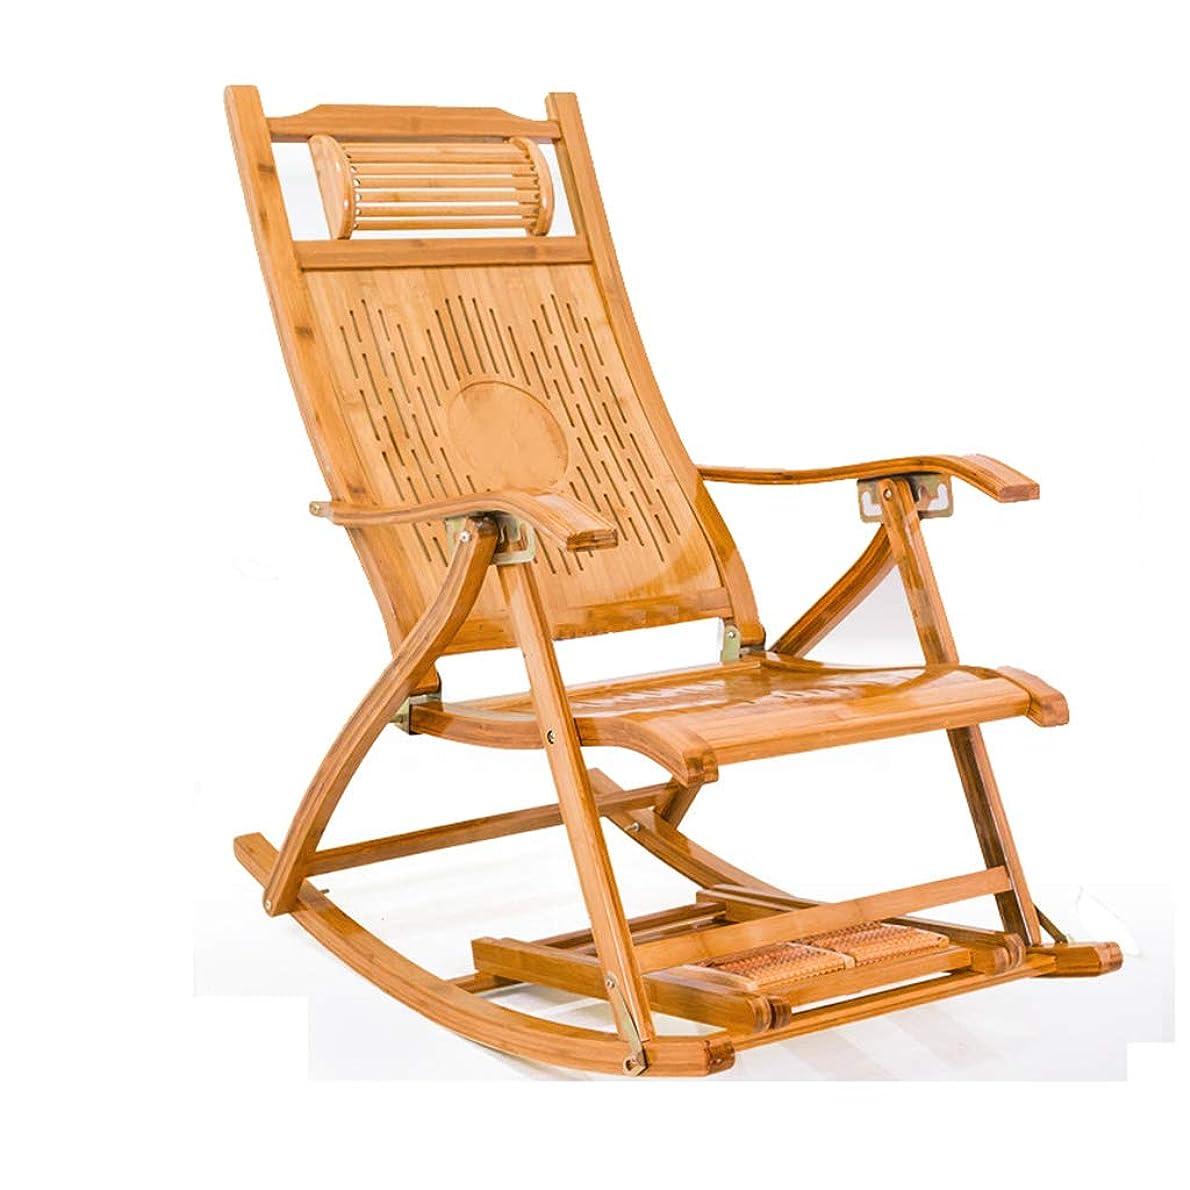 協会スリチンモイ想起木製折りたたみロッキングチェア マッサージボード付きの調節可能なリクライニングチェア、ガーデンバルコニーパティオリクライニングチェア用拡張フットスツールポータブル